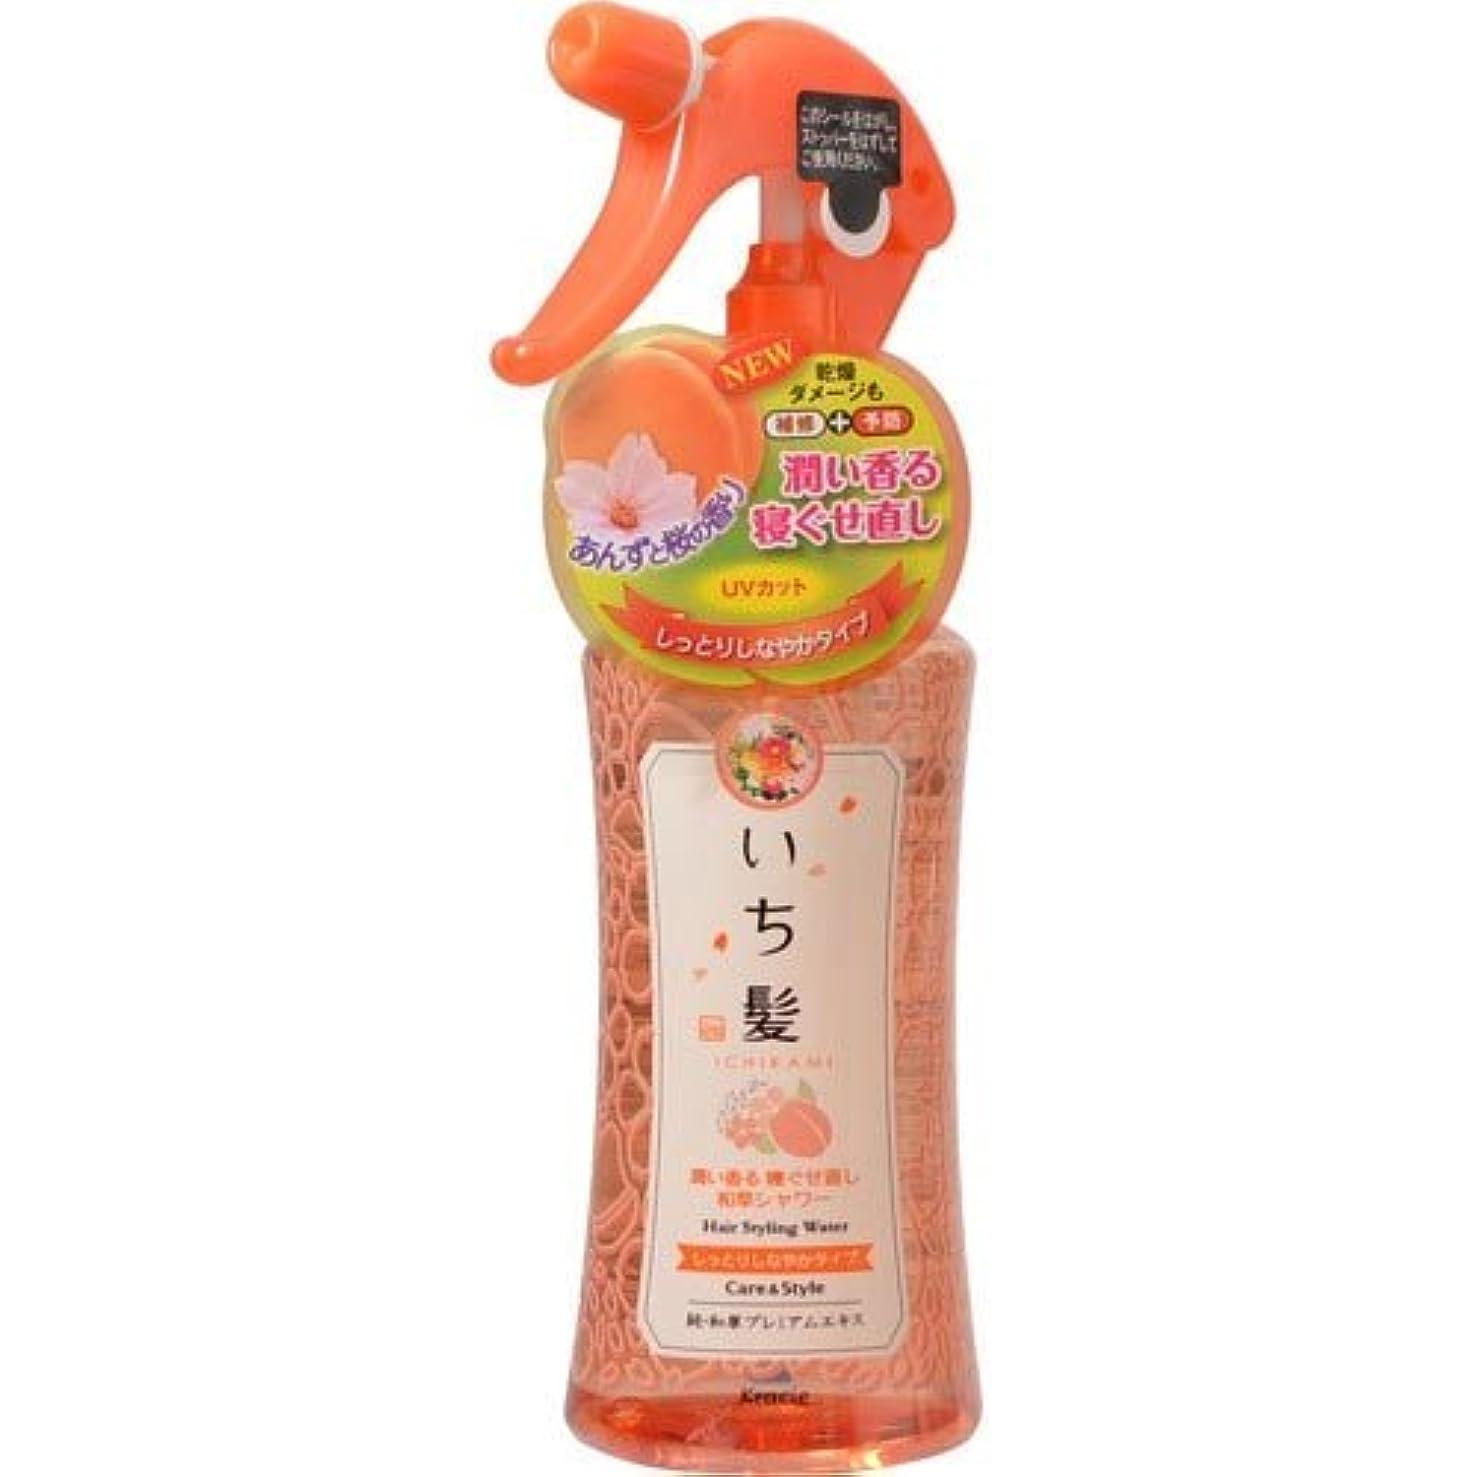 いち髪 潤い香る寝ぐせ直し和草シャワー しっとりしなやかタイプ 250mL